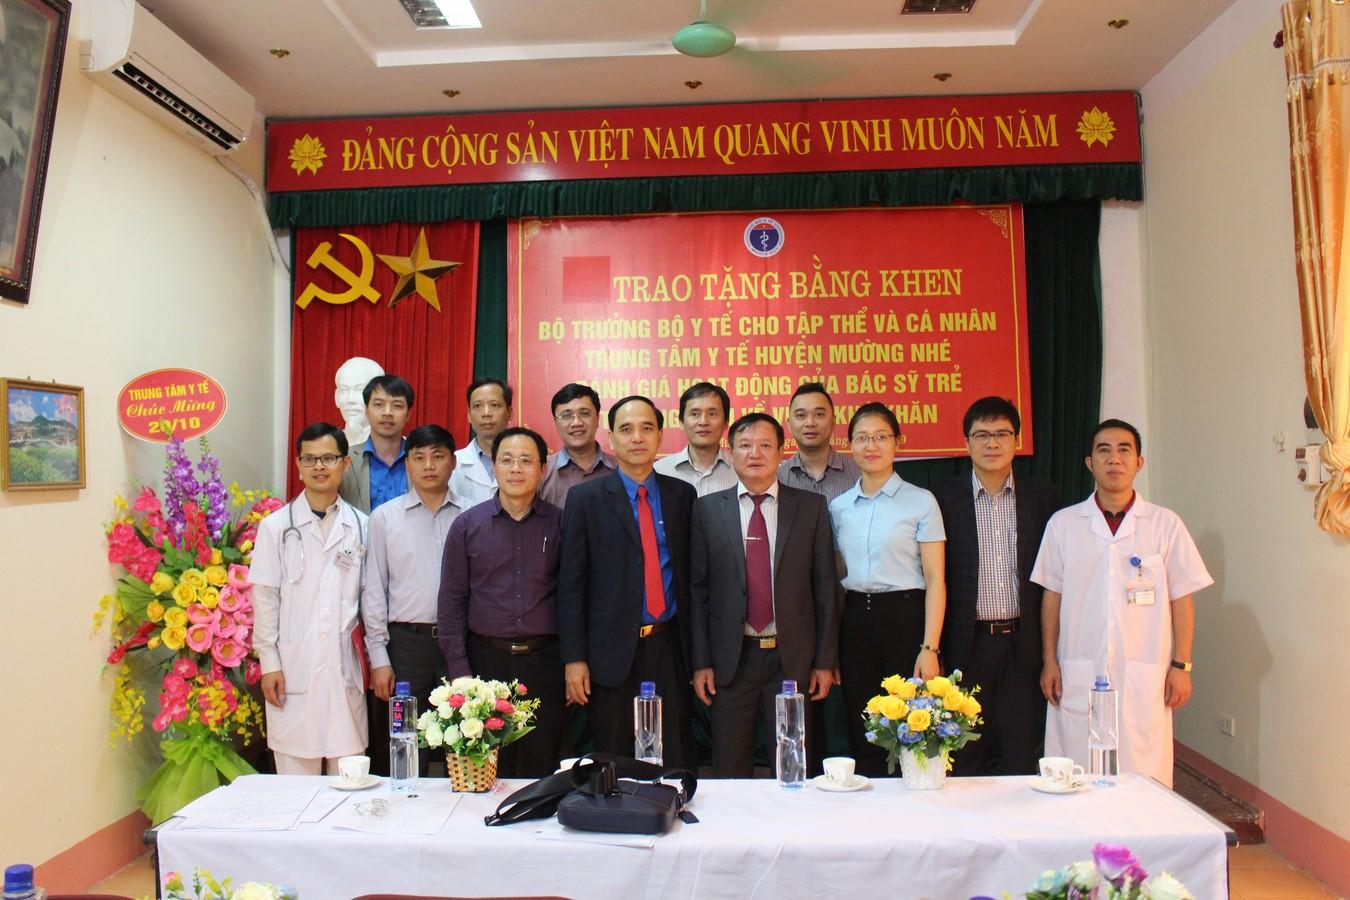 Bộ Y tế đánh giá hoạt động của bác sỹ trẻ tình nguyện tại Điên Biên